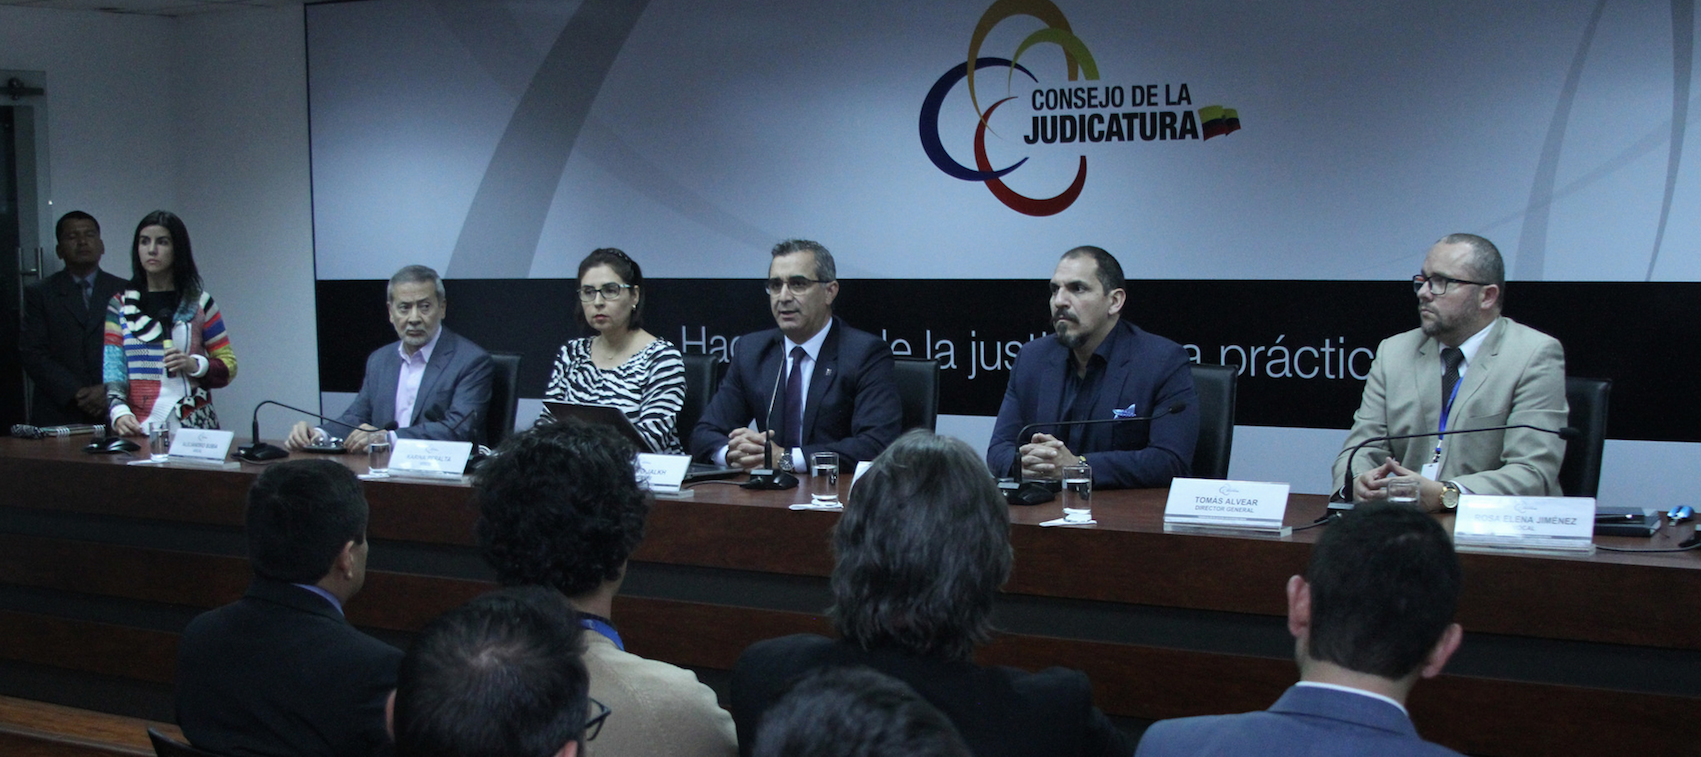 consejo_judicatura1